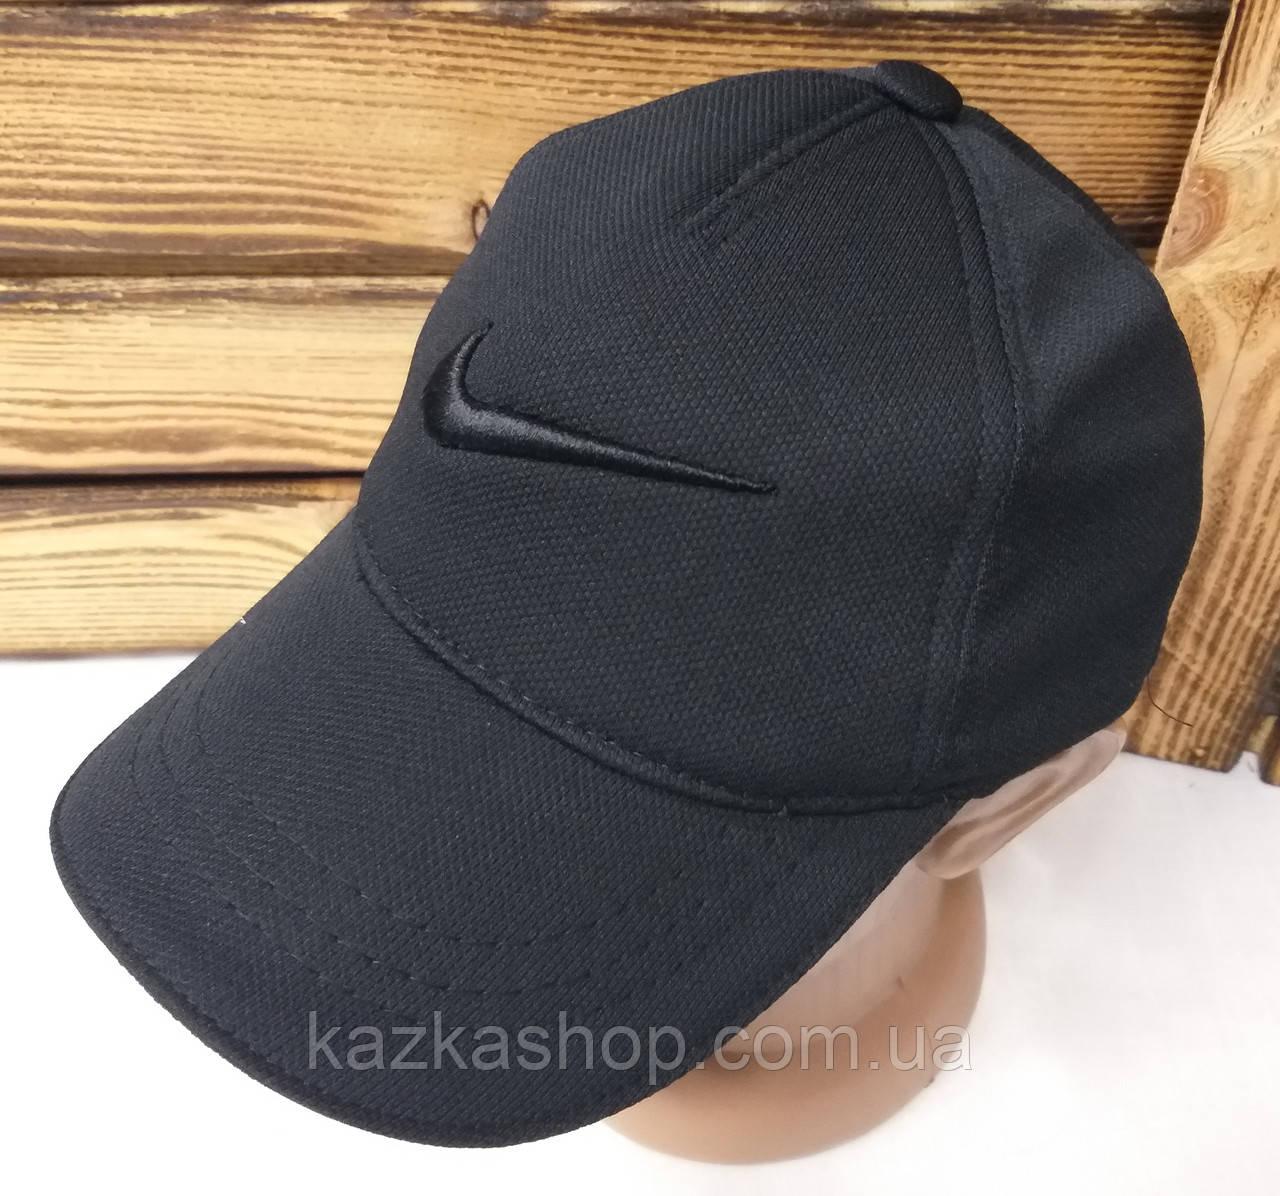 Мужская кепка черного цвета, с вышивкой в стиле Nike (реплика), большая вышивка, лакоста, на регуляторе